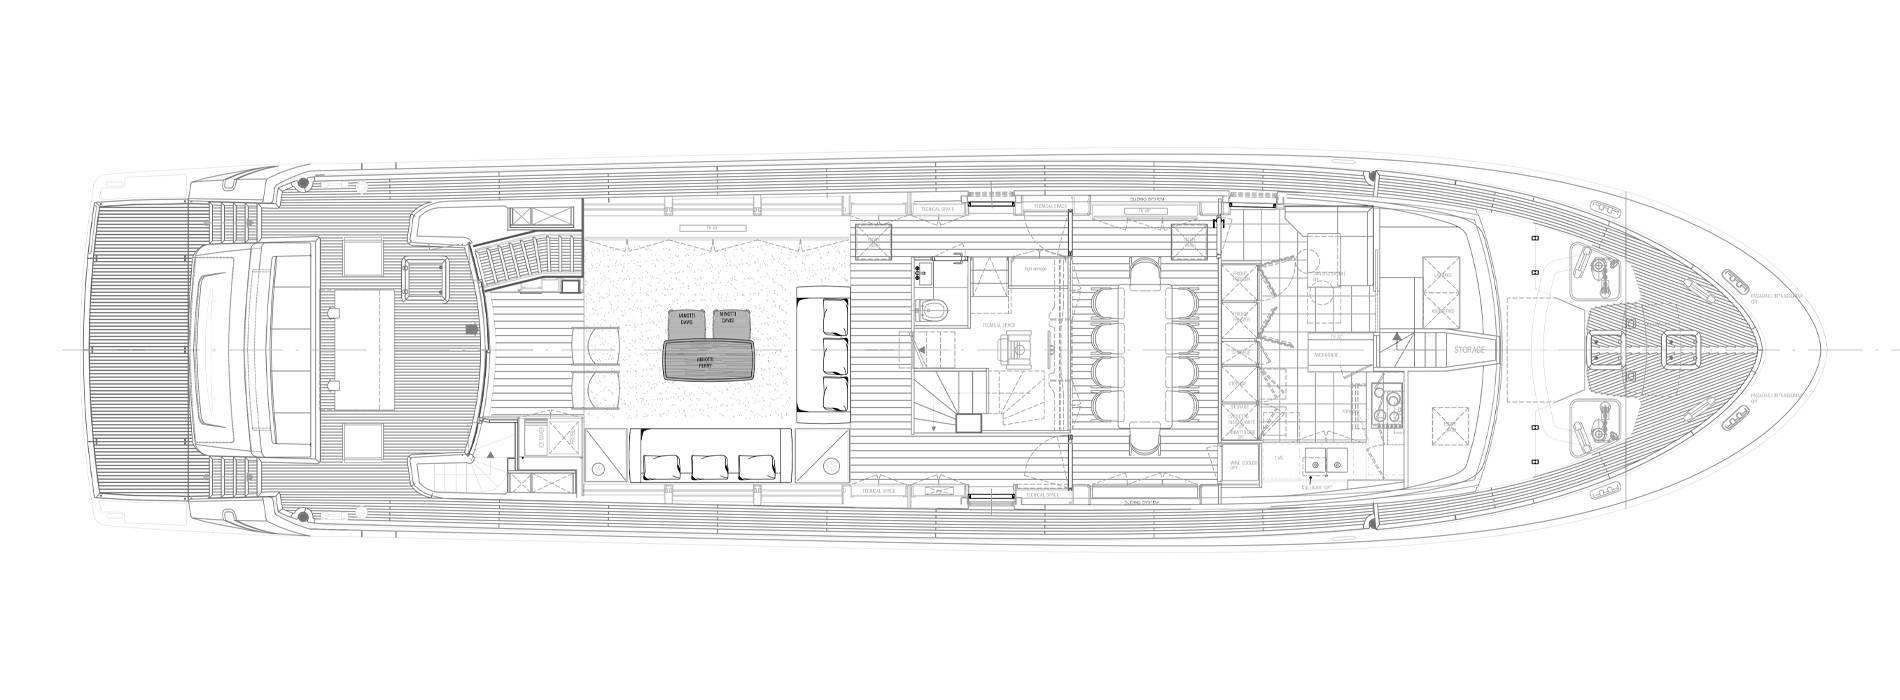 Sanlorenzo Yachts SL96-631 under offer Main deck